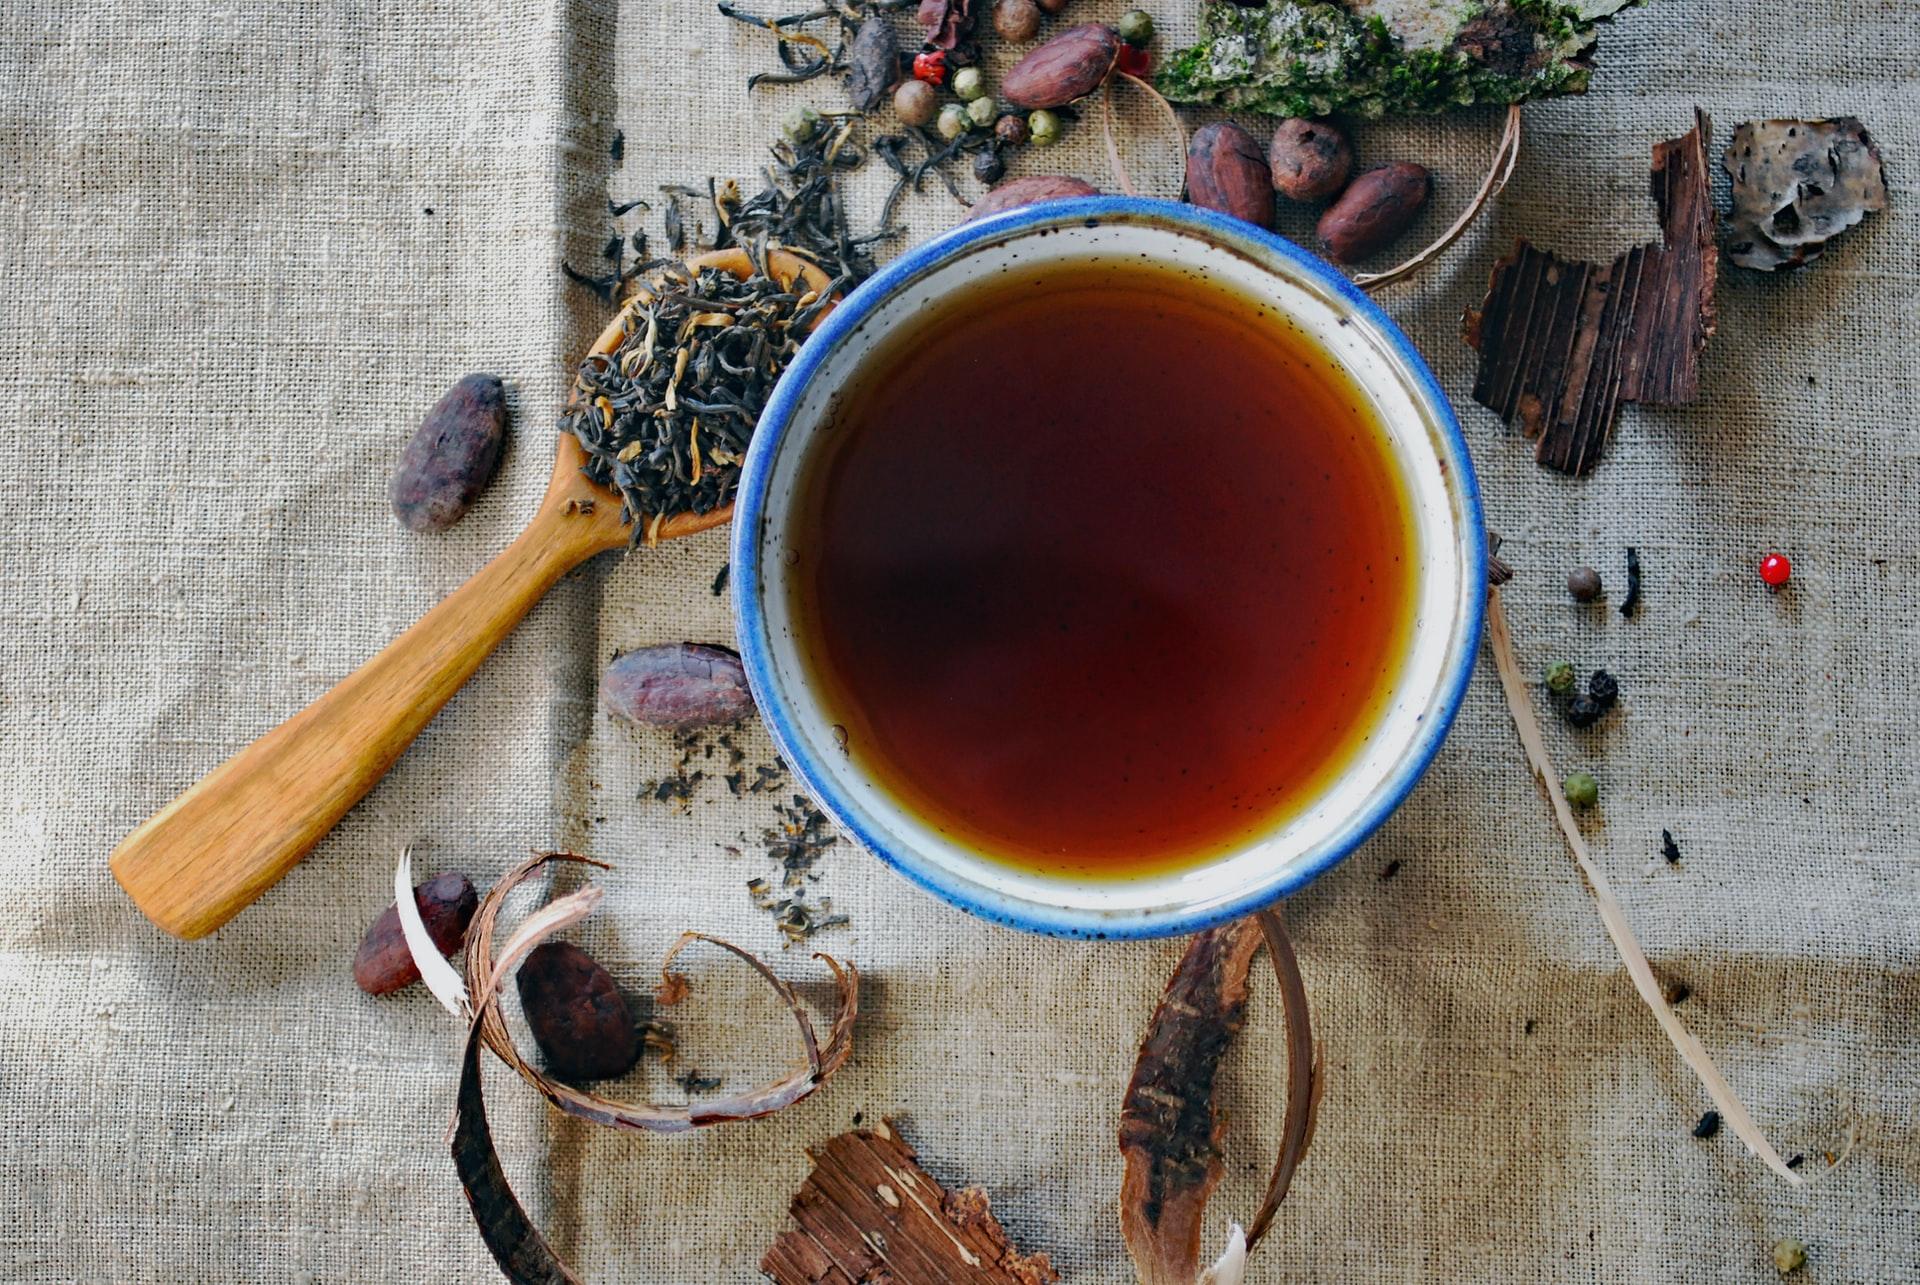 Best Homemade Detox Tea for Bloating